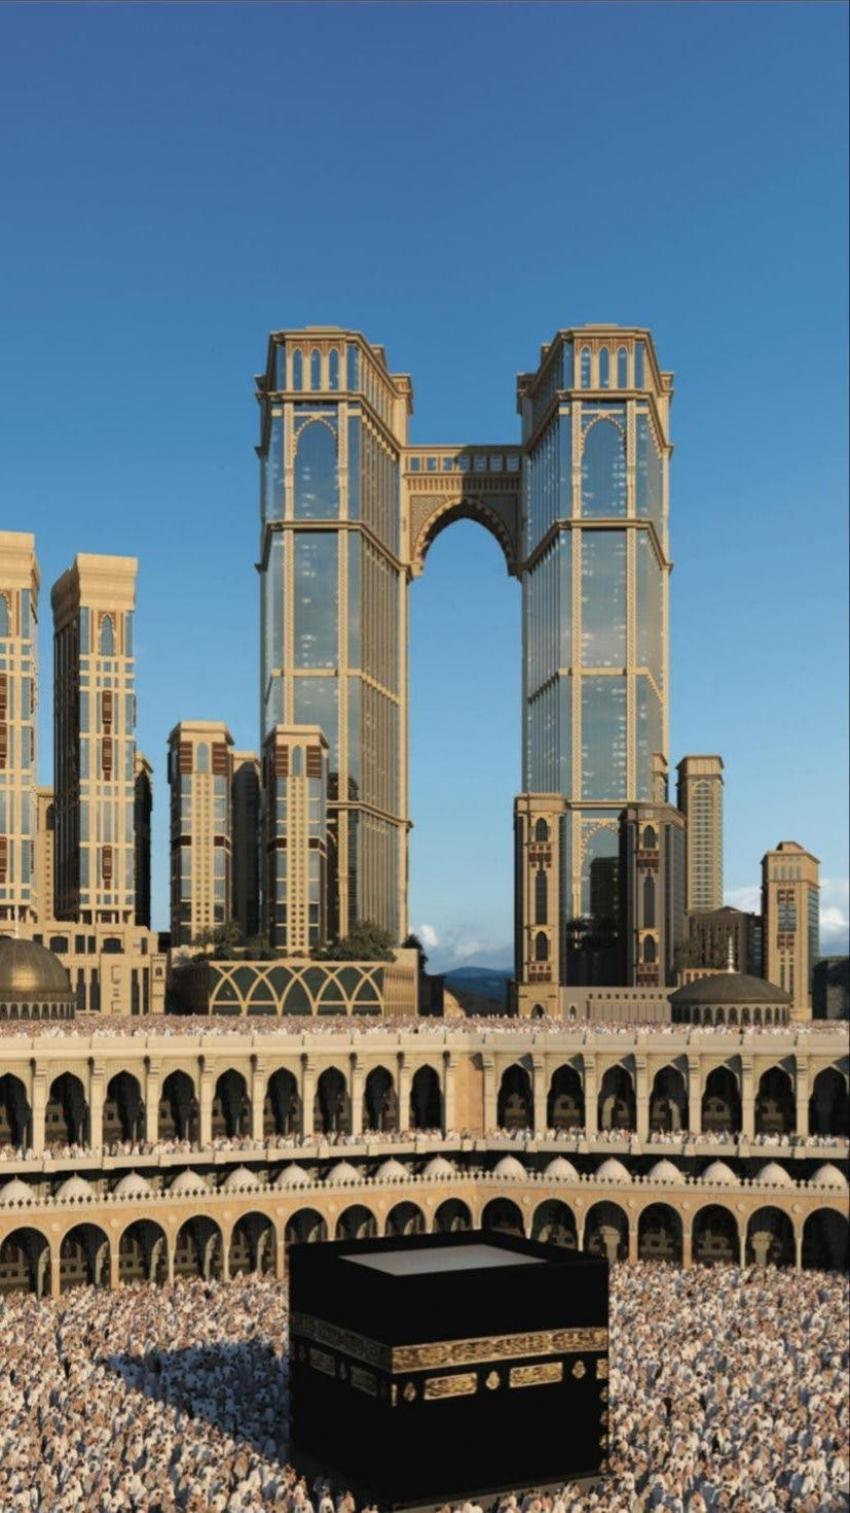 بالصور ..  السعودية تنشر تفاصيل أعلى مصلى معلق في العالم